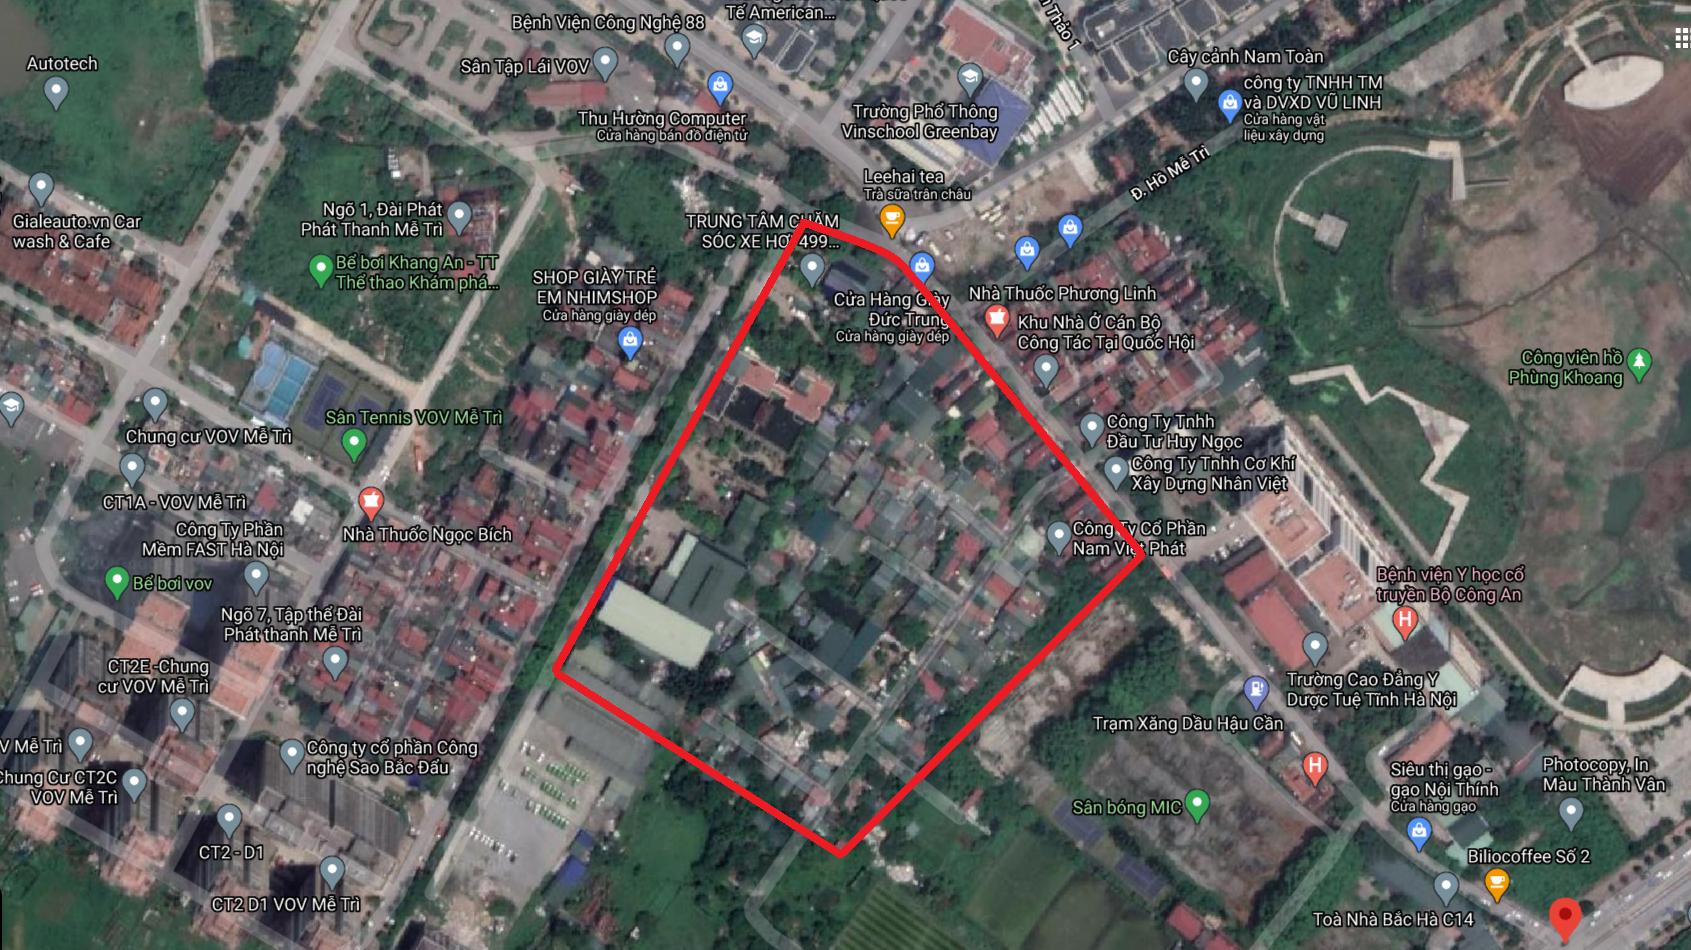 Đất dính quy hoạch phường Mễ Trì, Nam Từ Liêm, Hà Nội - Ảnh 2.